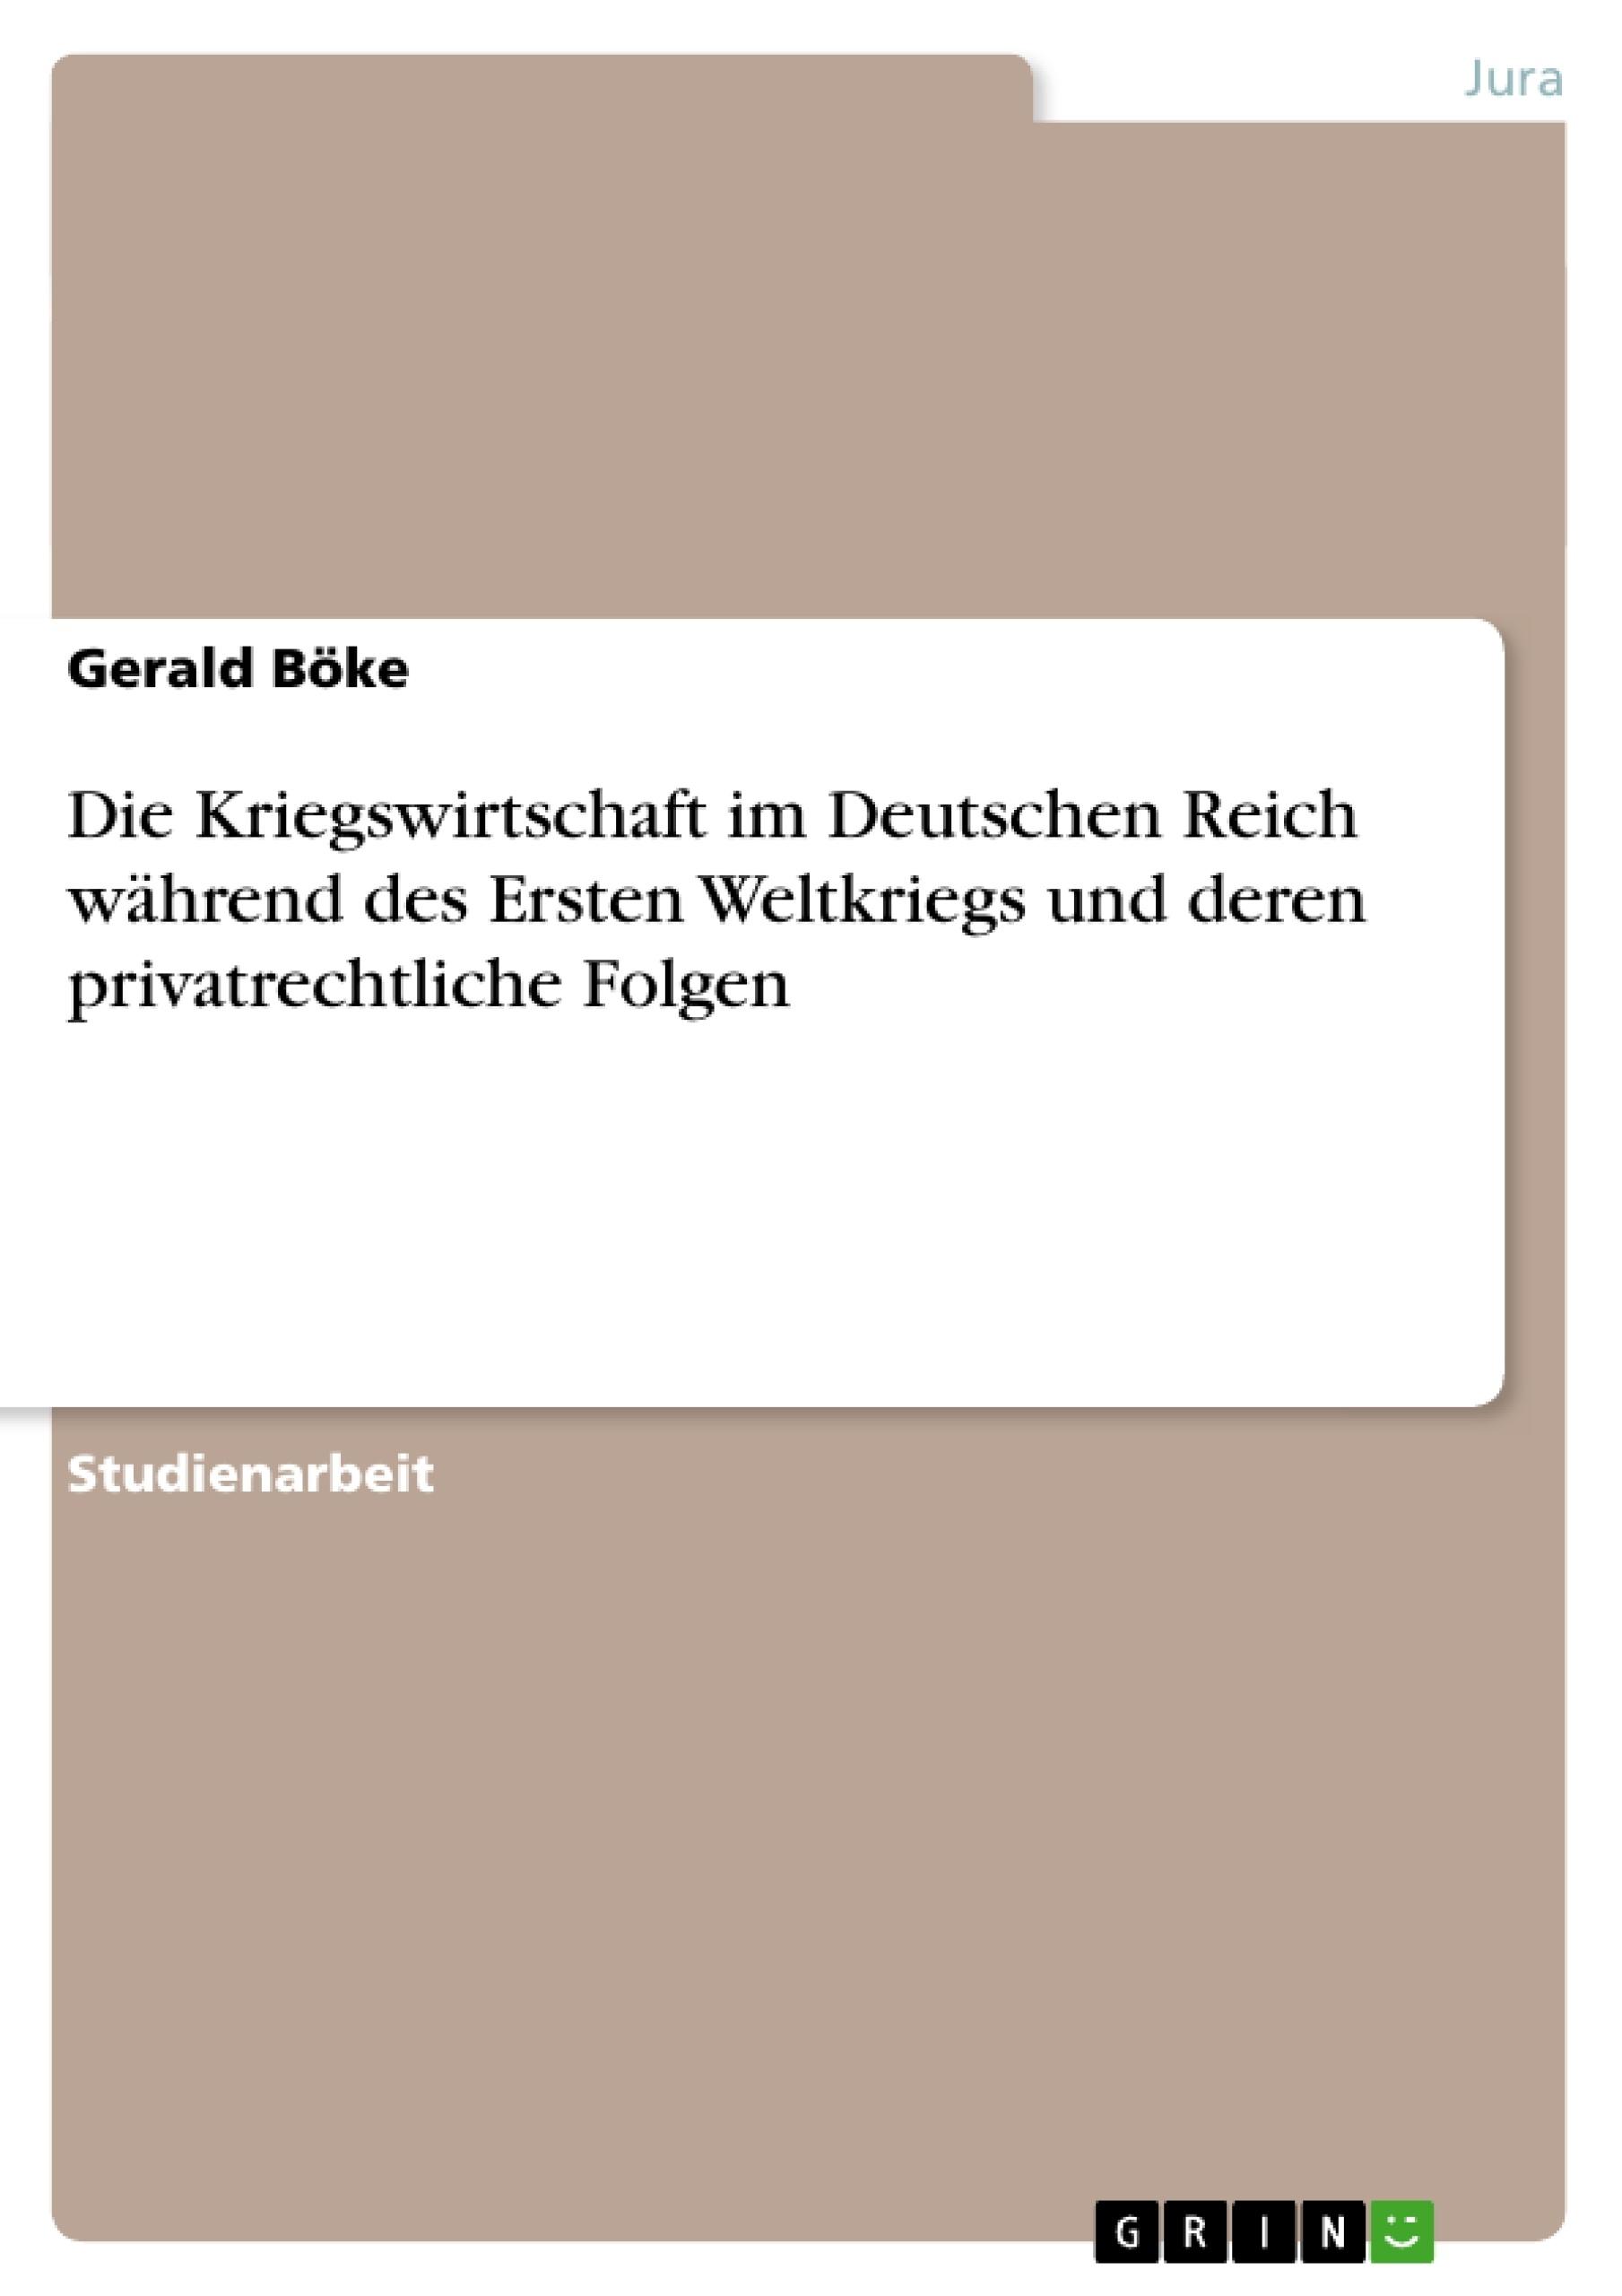 Titel: Die Kriegswirtschaft im Deutschen Reich während des Ersten Weltkriegs und deren privatrechtliche Folgen